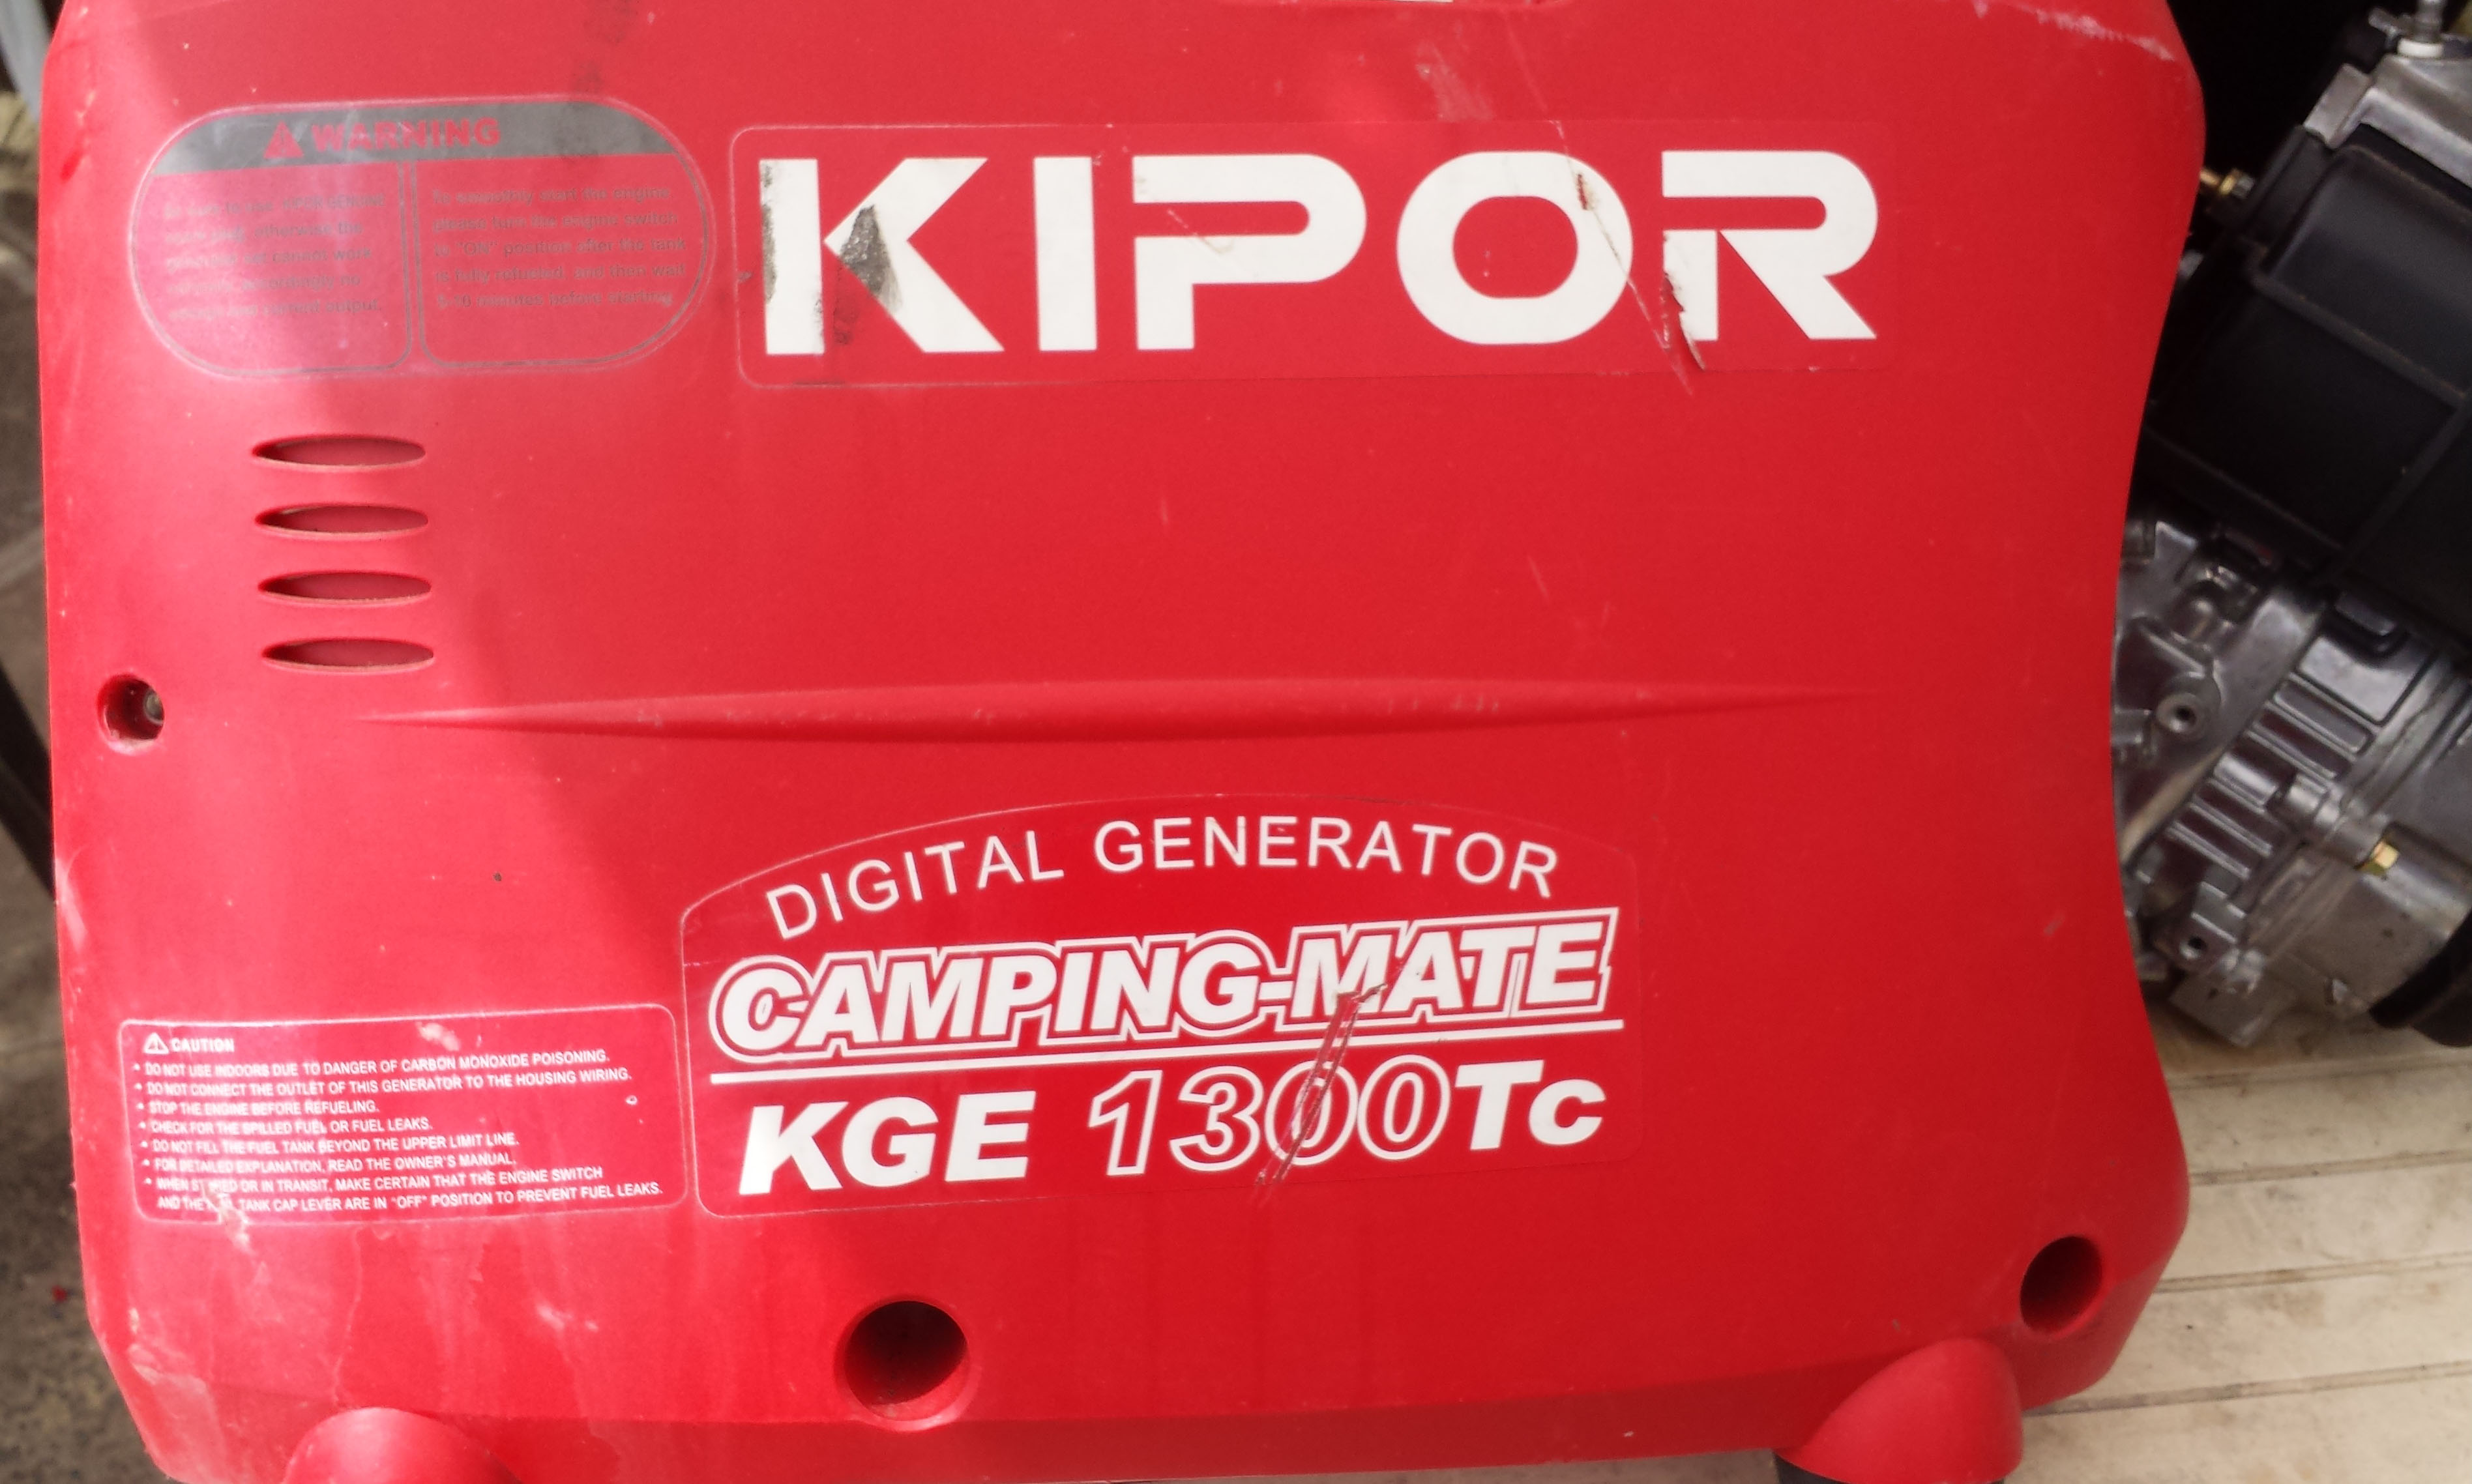 KIPOR KGE 1300TC - Agregat nie daje 240V, 12V jest ok